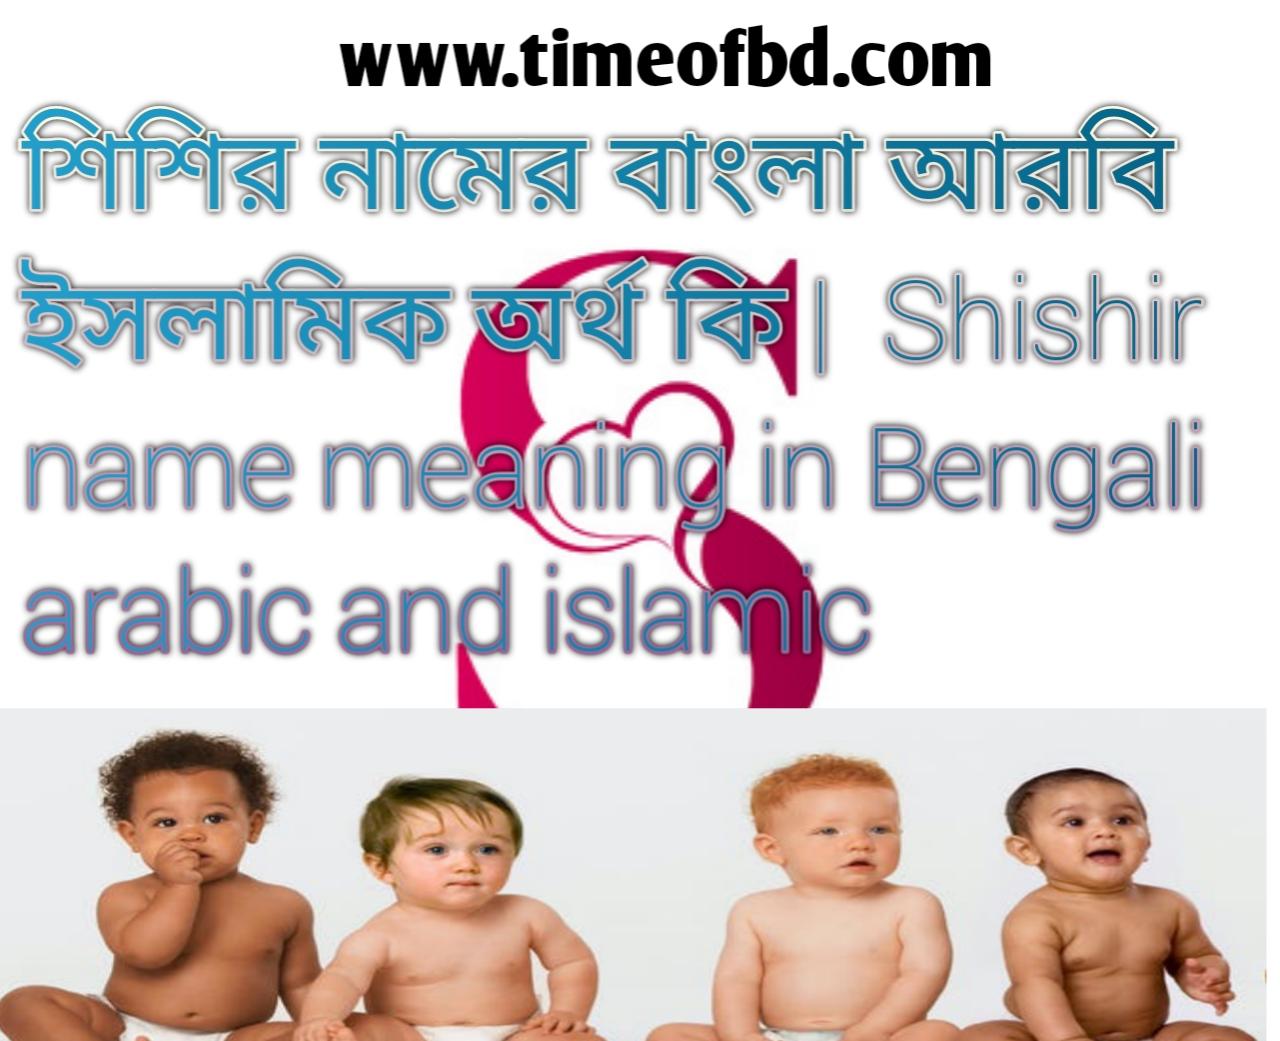 শিশির নামের অর্থ কি,    শিশির নামের বাংলা অর্থ কি,    শিশির নামের ইসলামিক অর্থ কি,    Shishir name in Bengali,    শিশির কি ইসলামিক নাম,